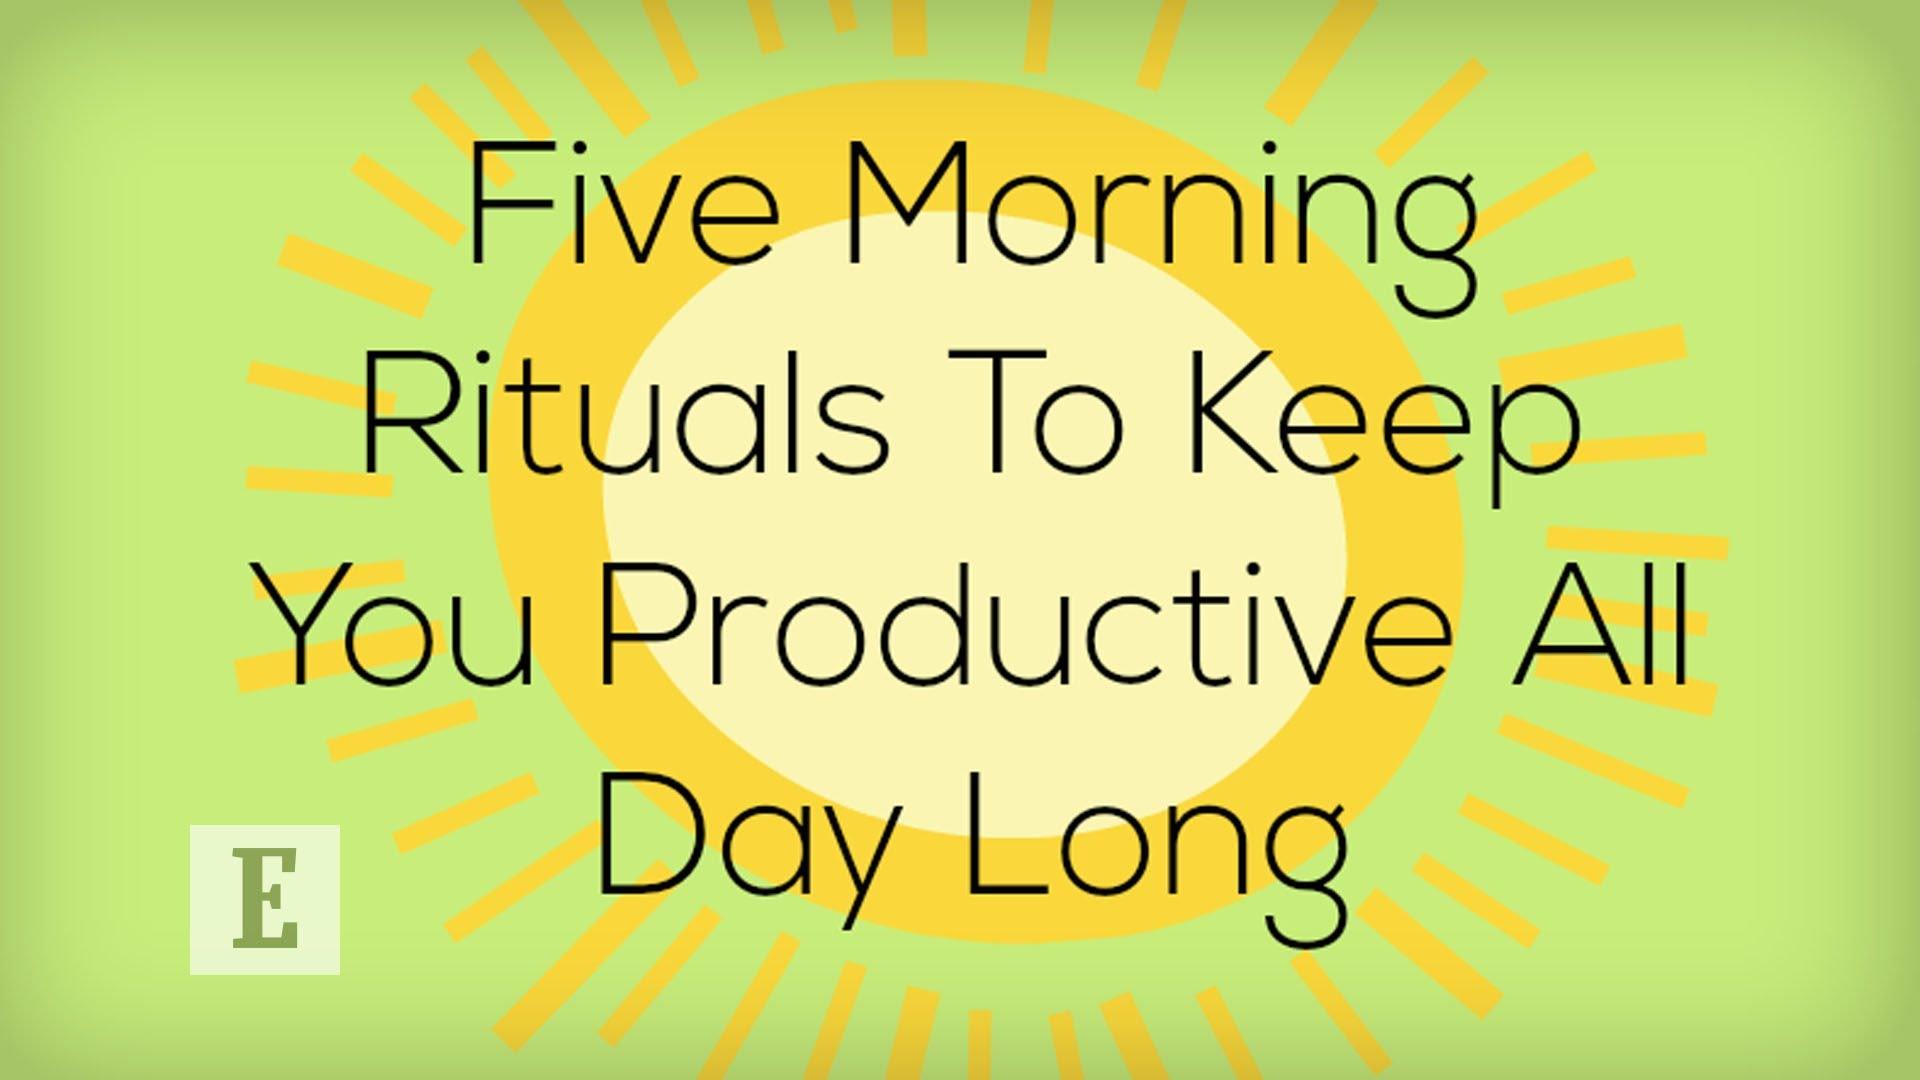 快跟著做!五件讓你邁向成功的早晨小事